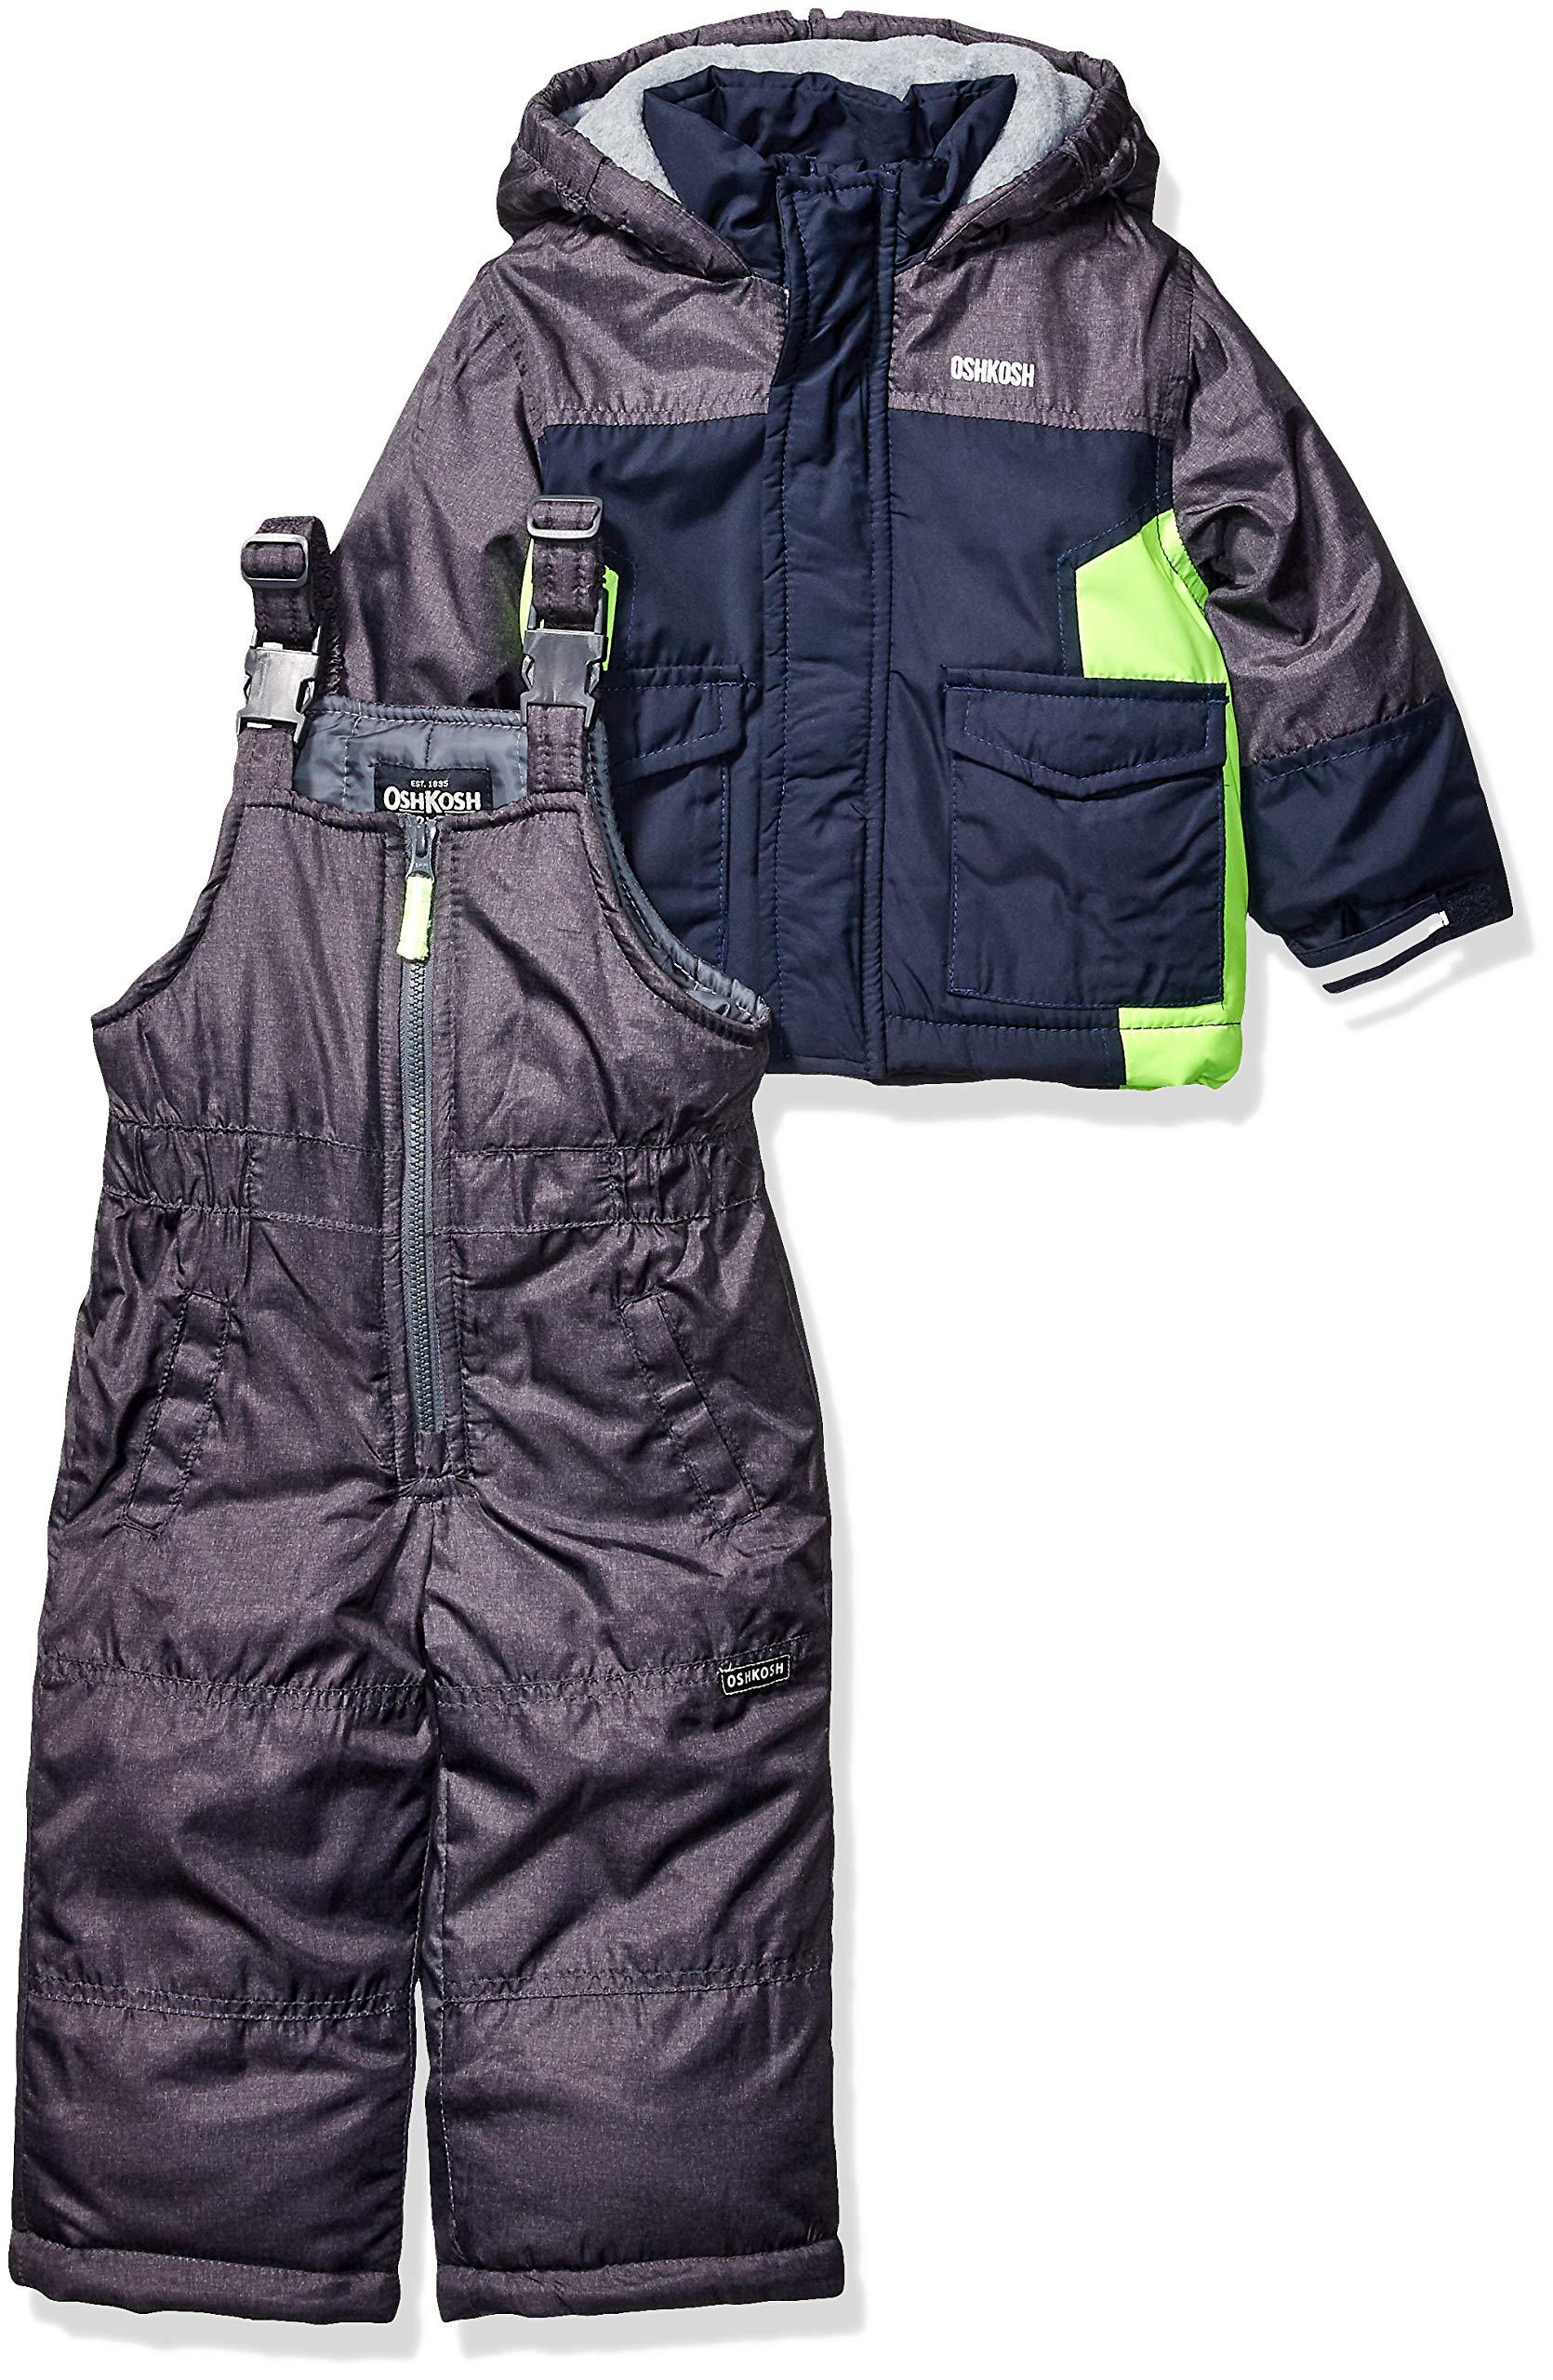 OshKosh B'Gosh Boys' Toddler Ski Jacket and Snowbib Snowsuit Set, Navy Fall, 3T by OshKosh B'Gosh